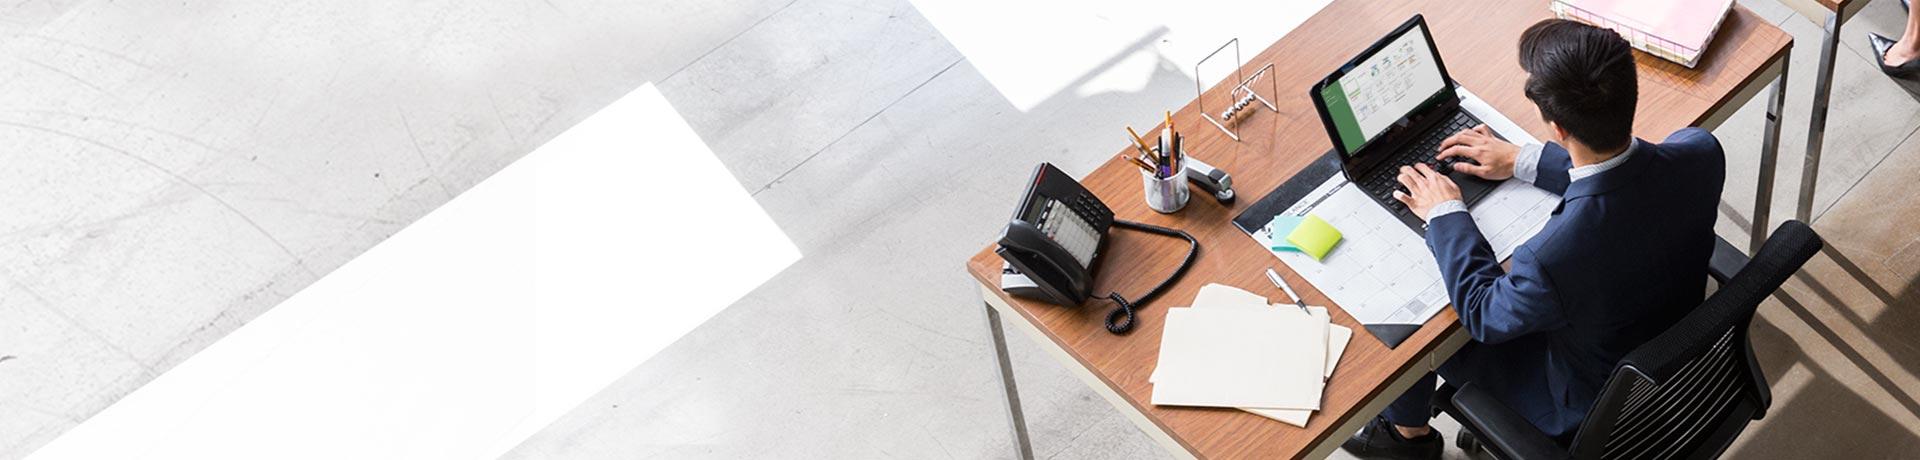 Man die aan een bureau op kantoor zit en werkt aan een Microsoft Project-bestand op een laptop.